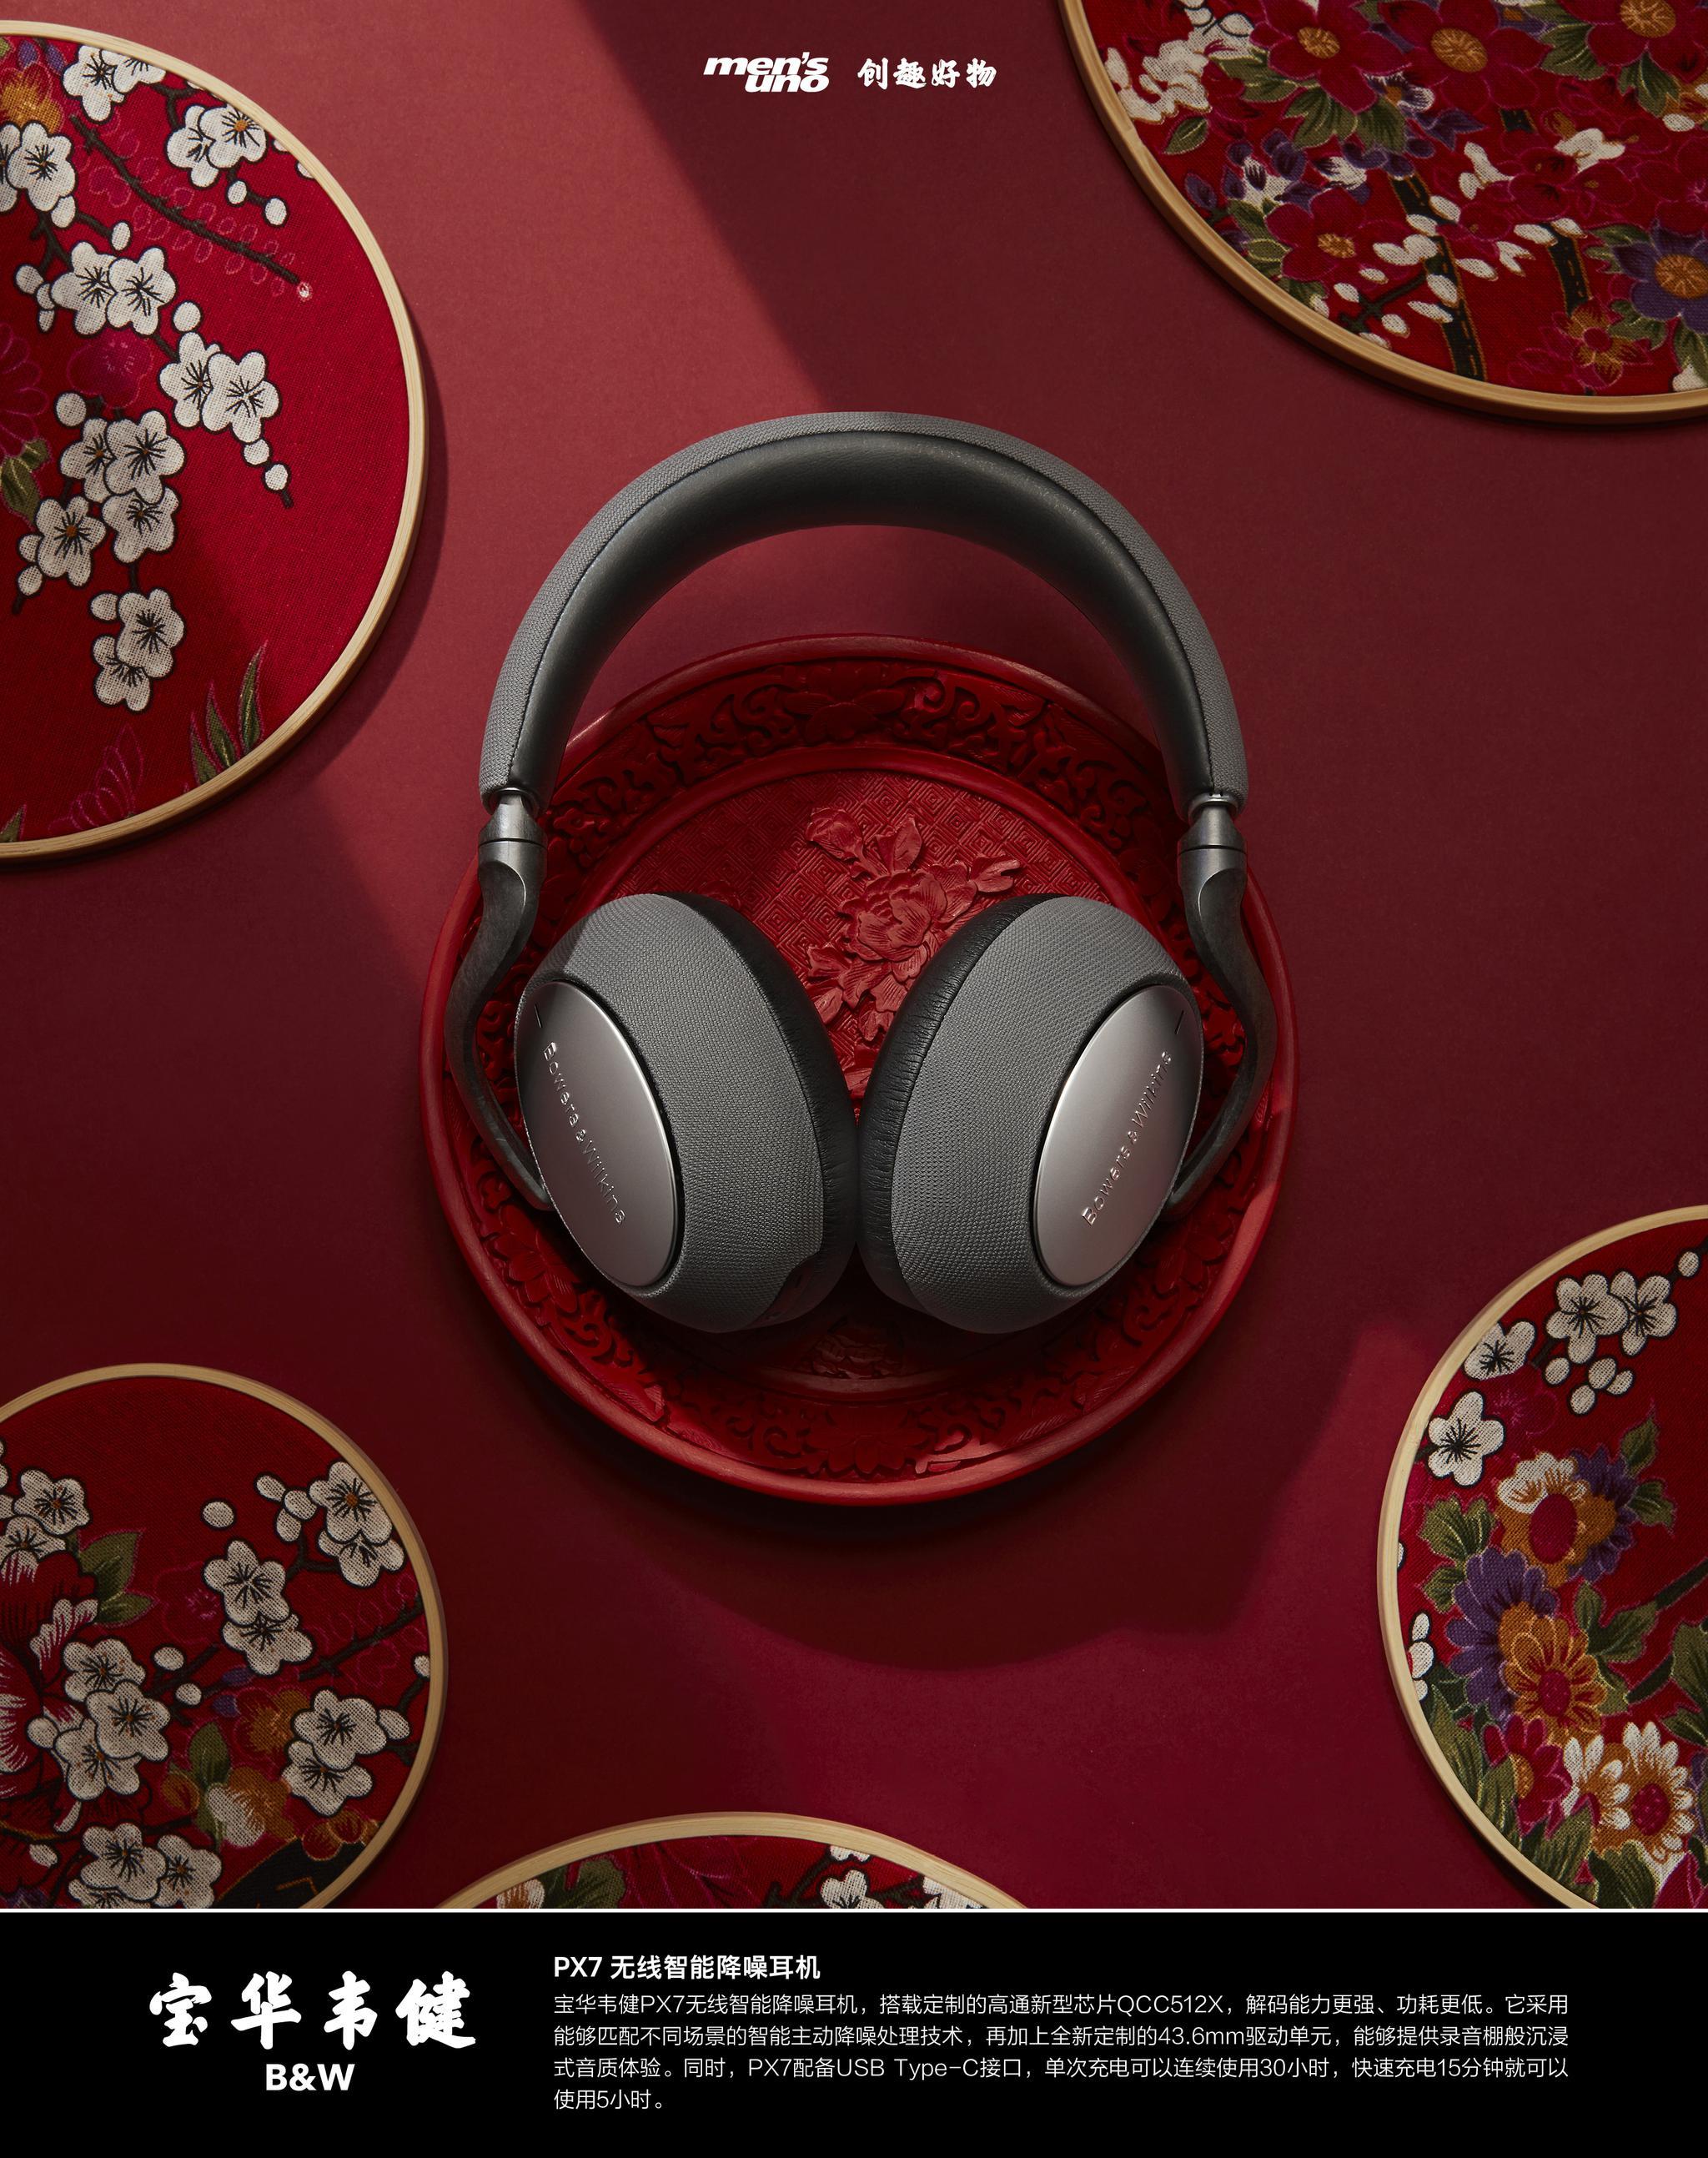 宝华韦健PX7无线智能降噪耳机,搭载定制的高通新型芯片QCC512X